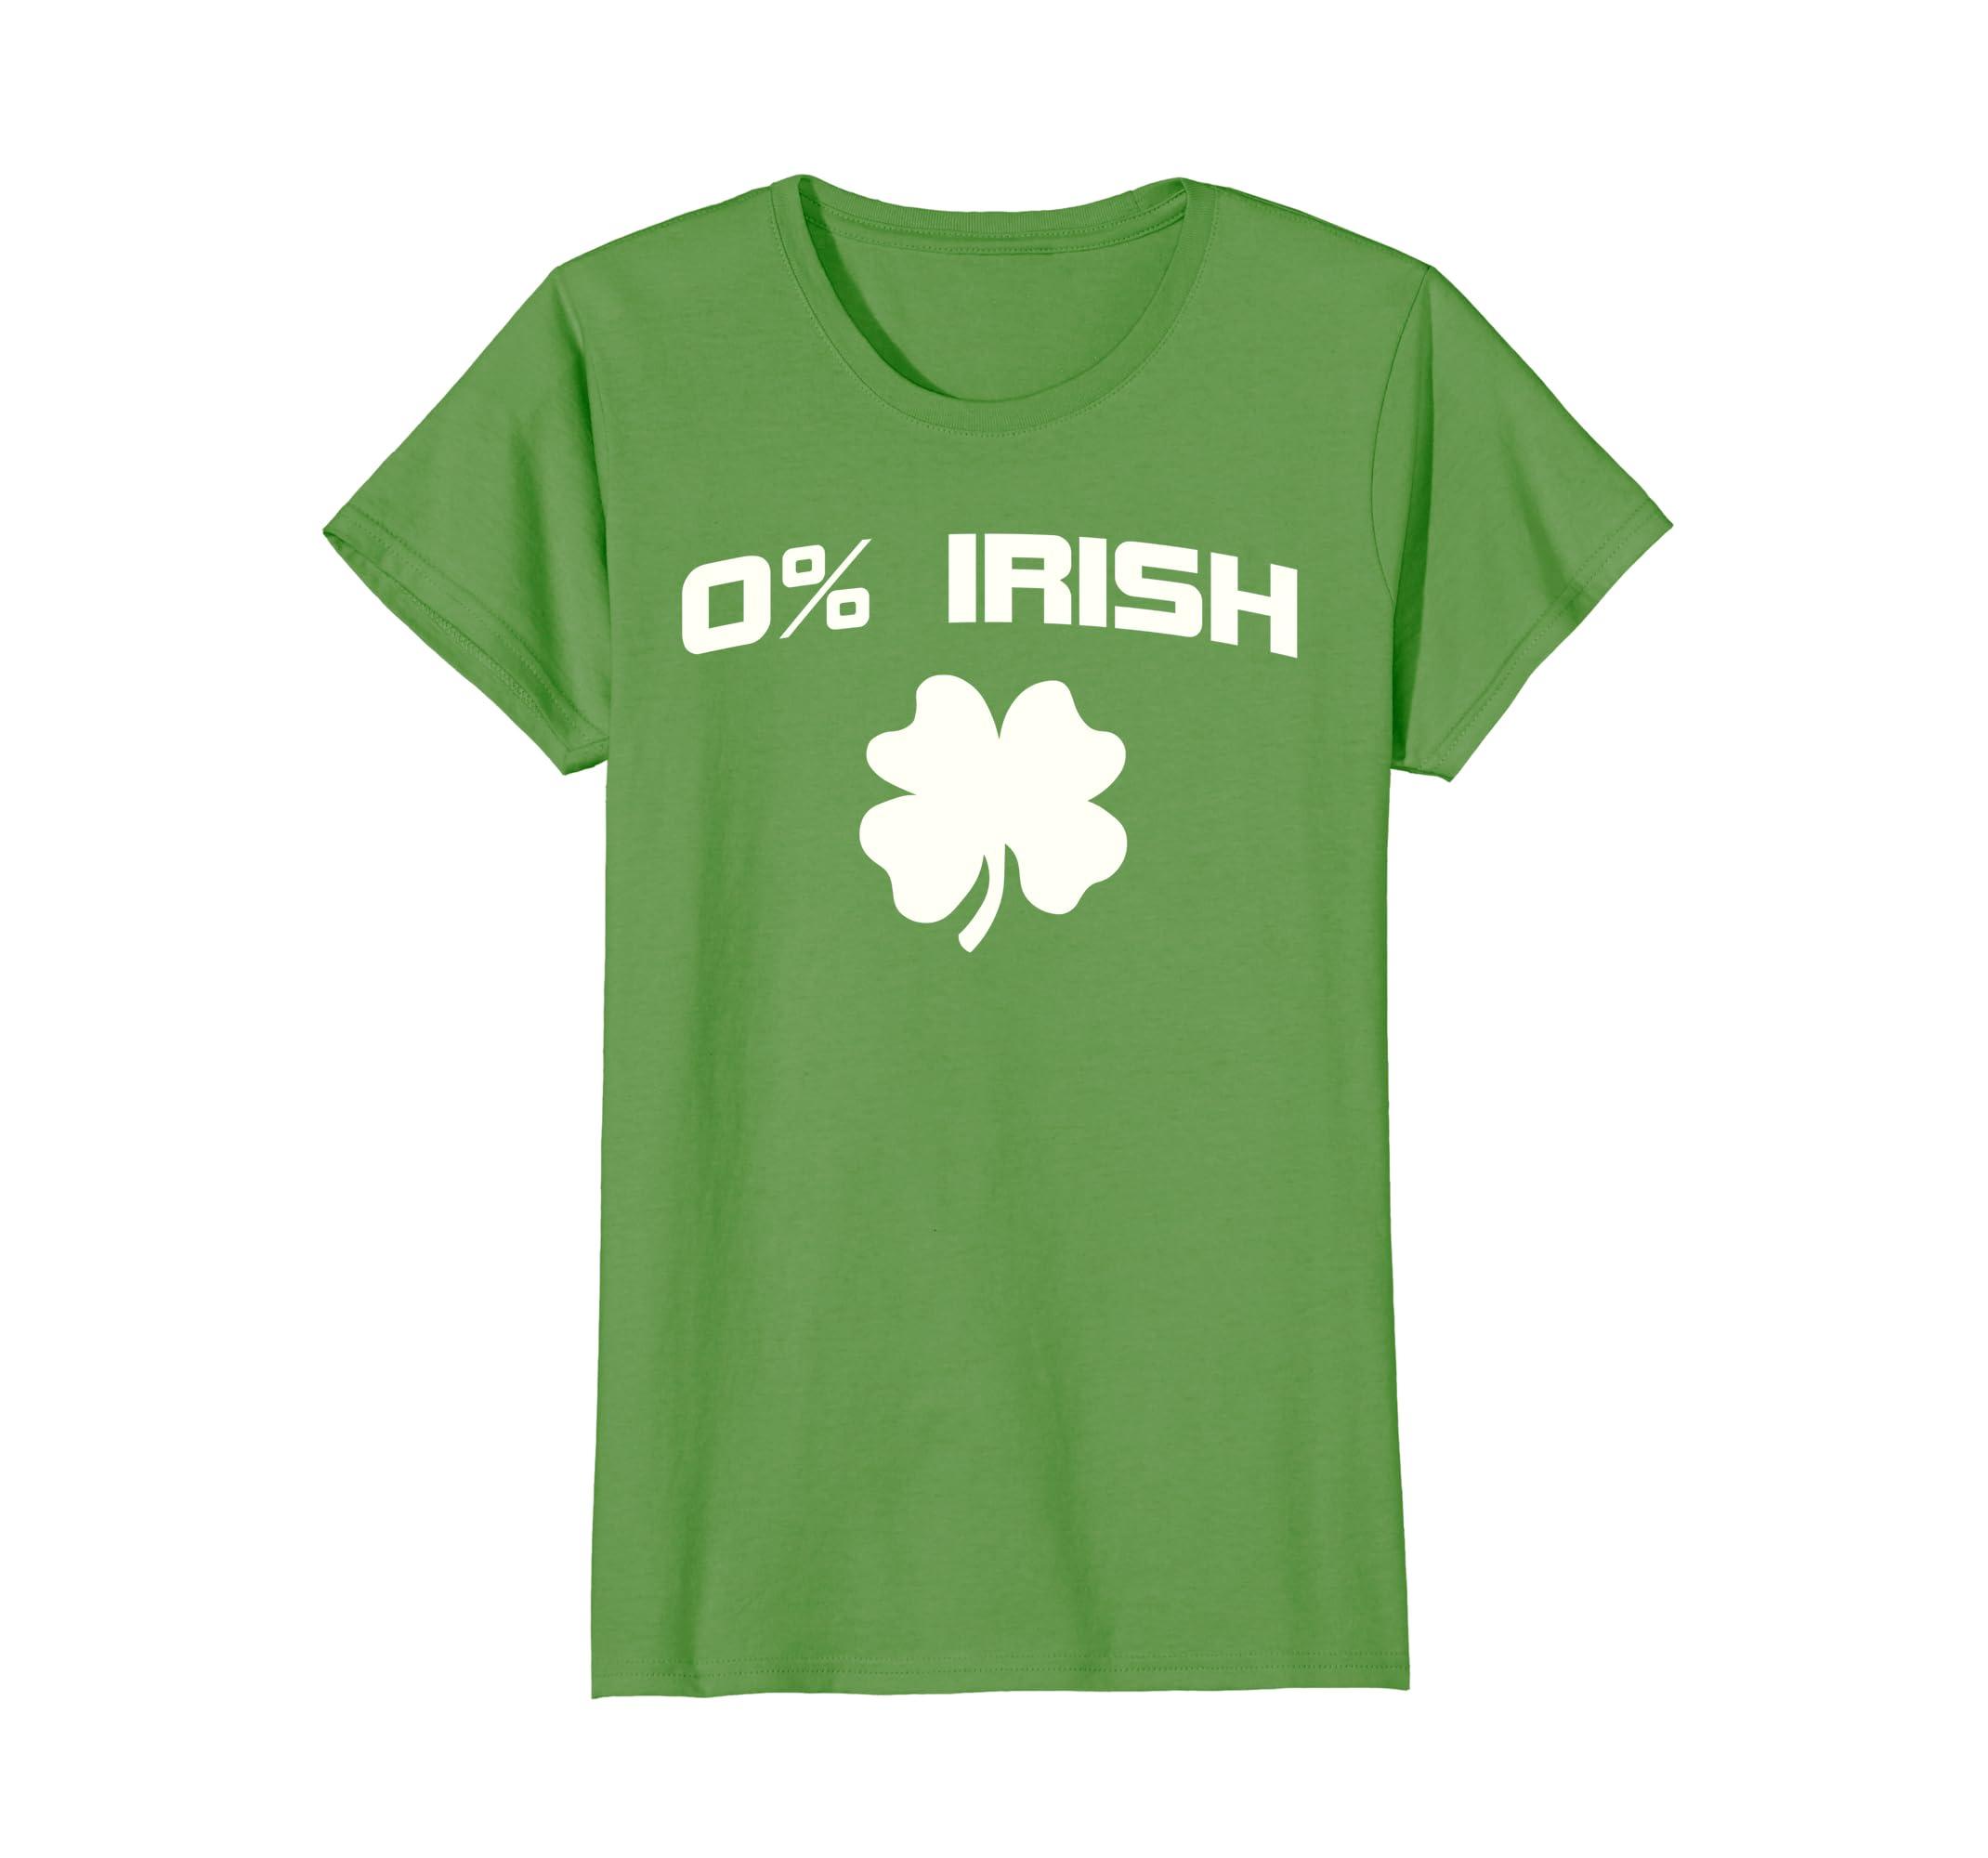 0 Irish Shirt T Shirt